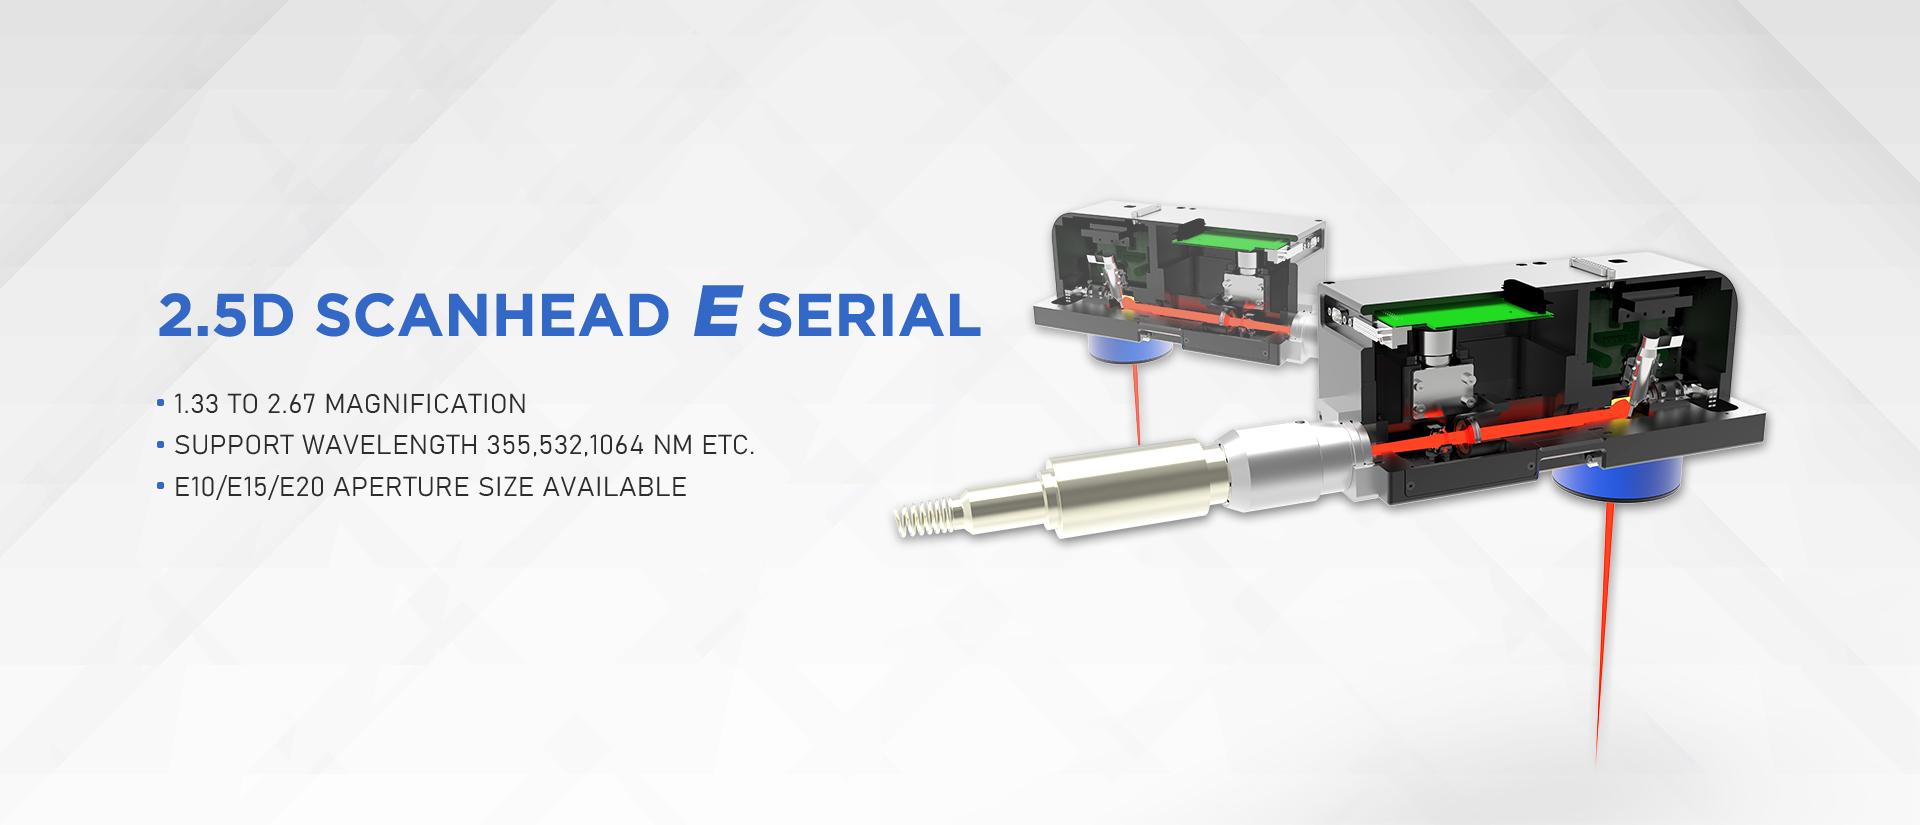 2.5D Scanner Serial